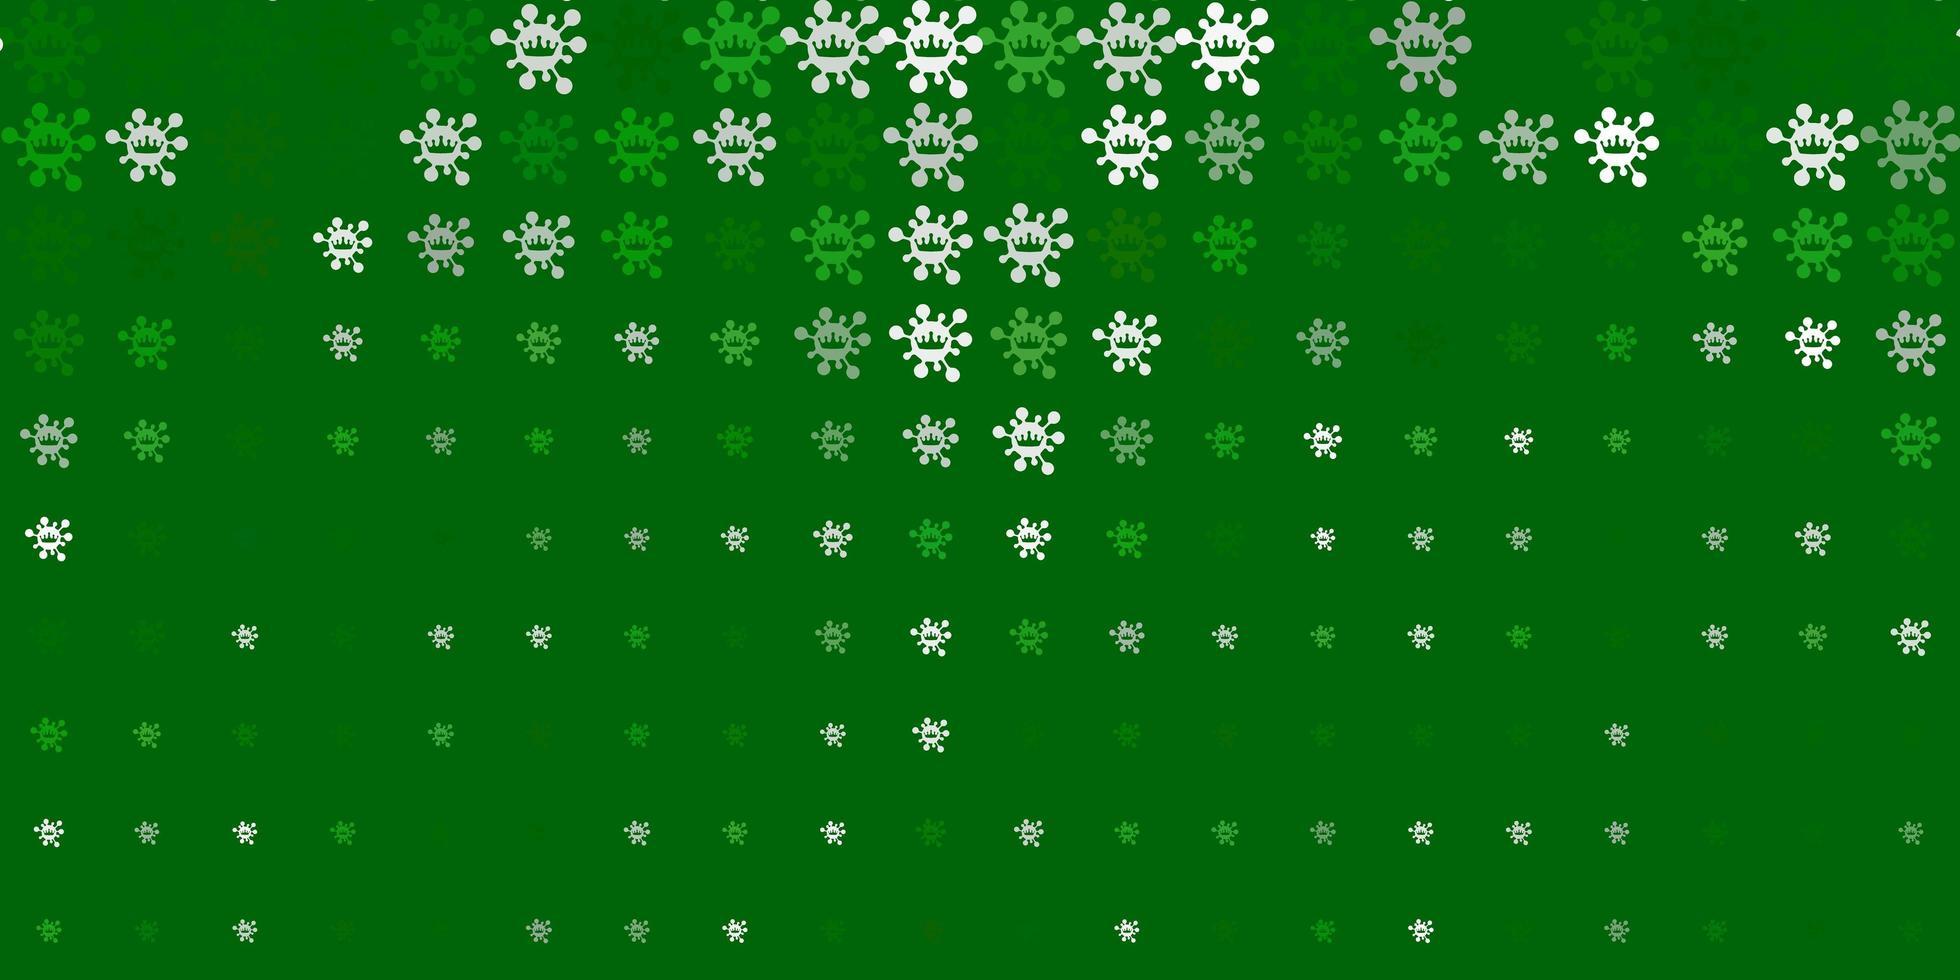 toile de fond de vecteur vert clair avec symboles de virus